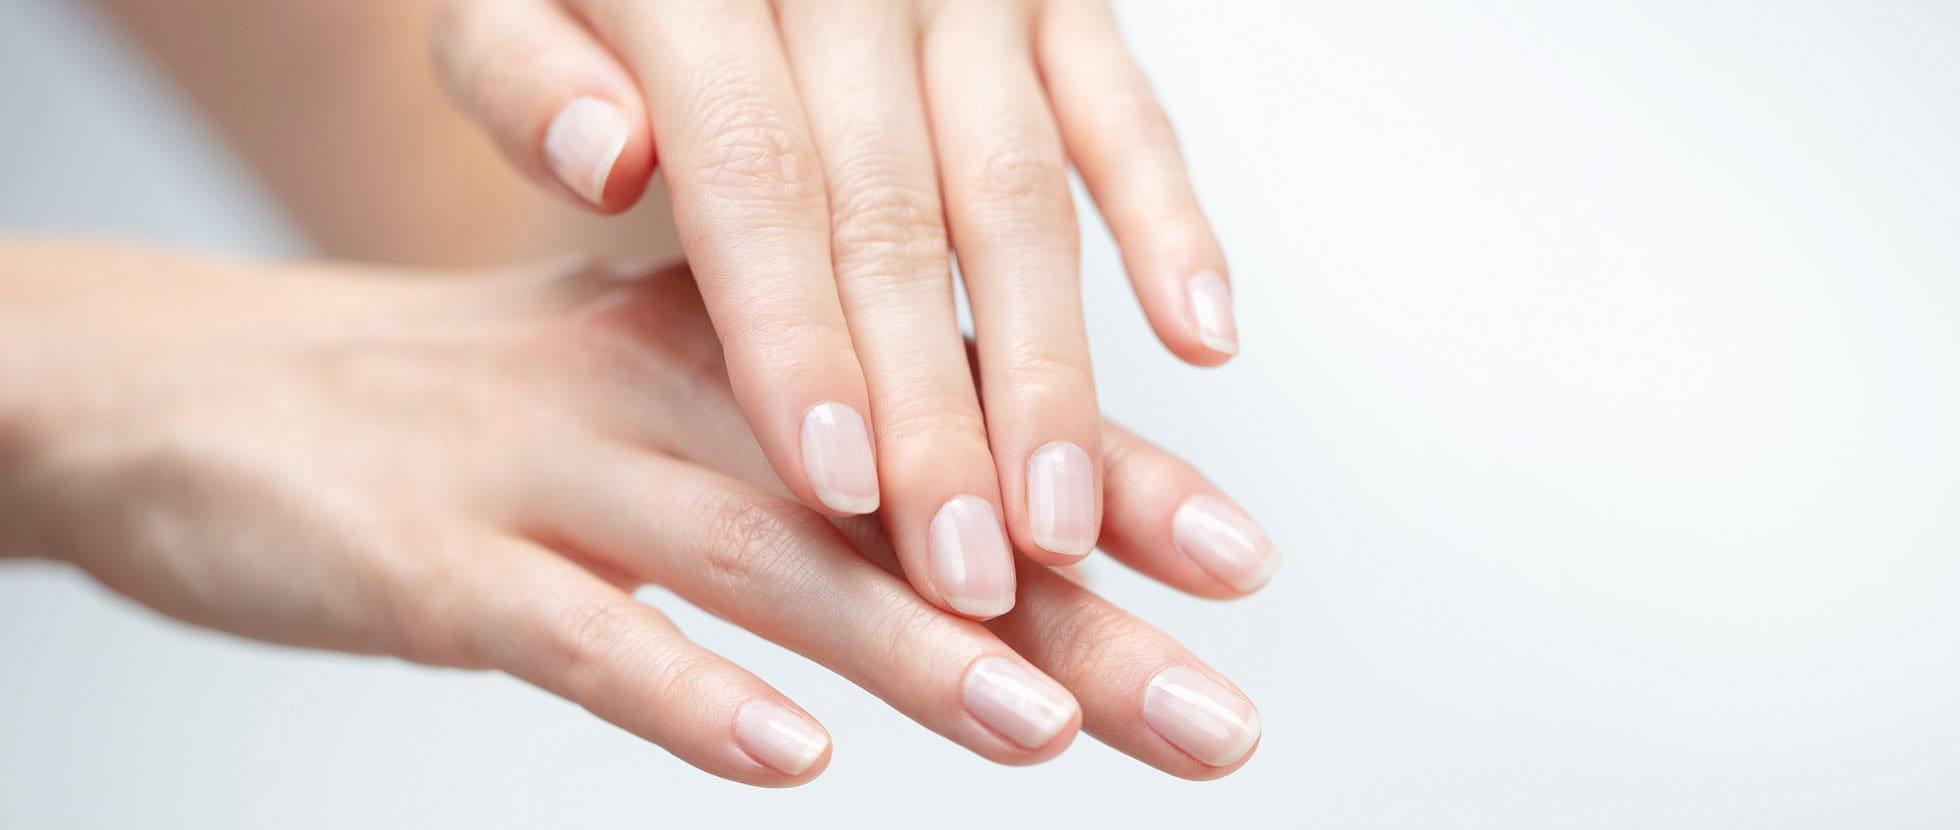 vásároljon ízületi asztin krémet a térd akut csontritkulása